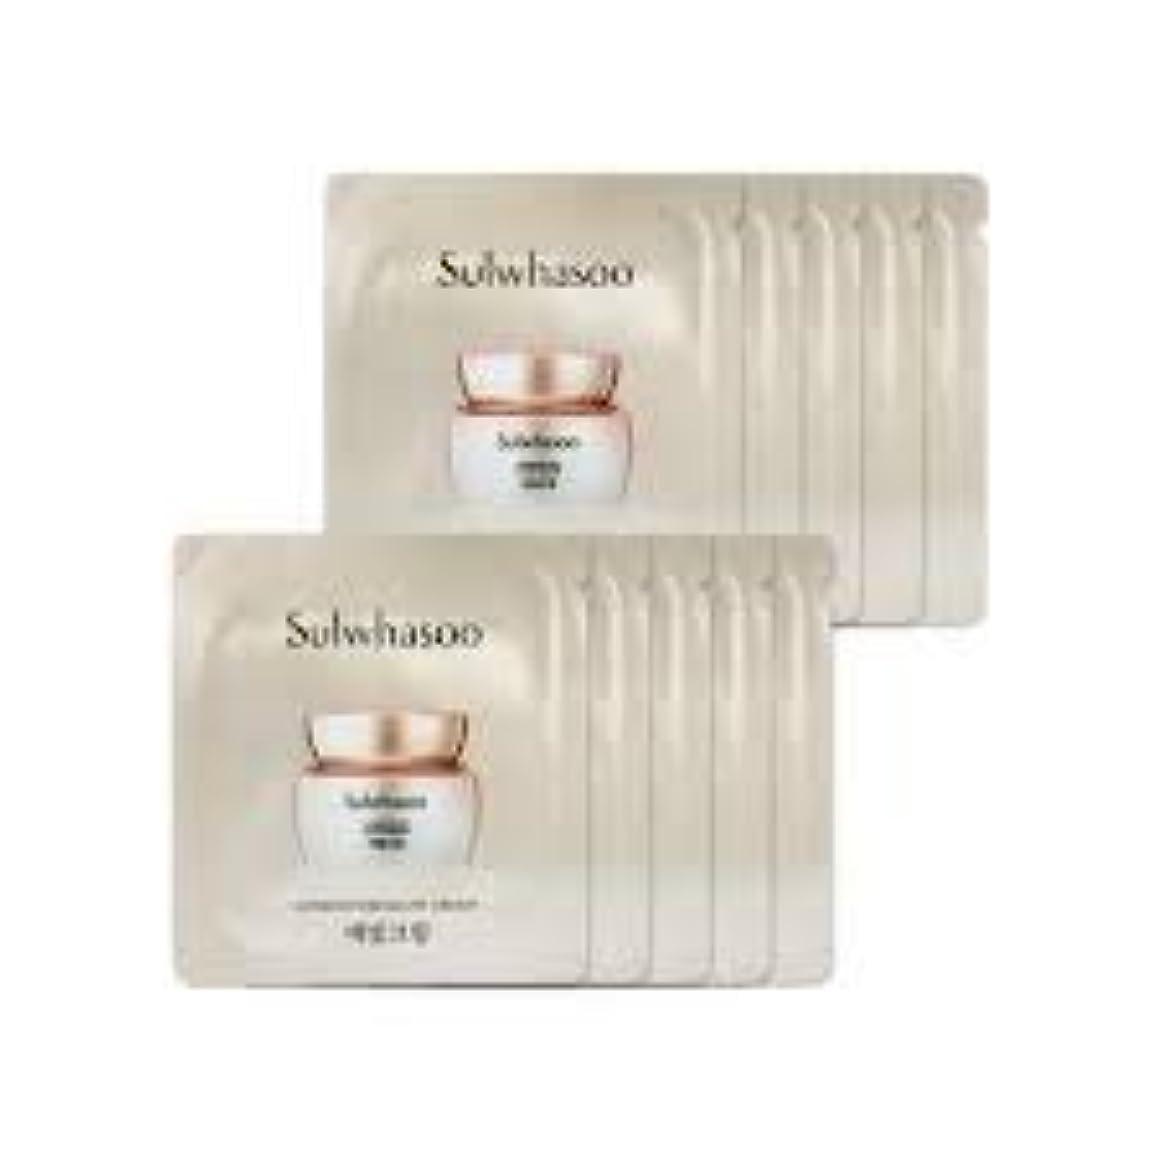 橋日付付きゲート[ソルファス ] Sulwhasoo (雪花秀) ルミナチュアグロー Luminature Glow Cream 1ml x 30 (イェビトクリーム) [ShopMaster1]